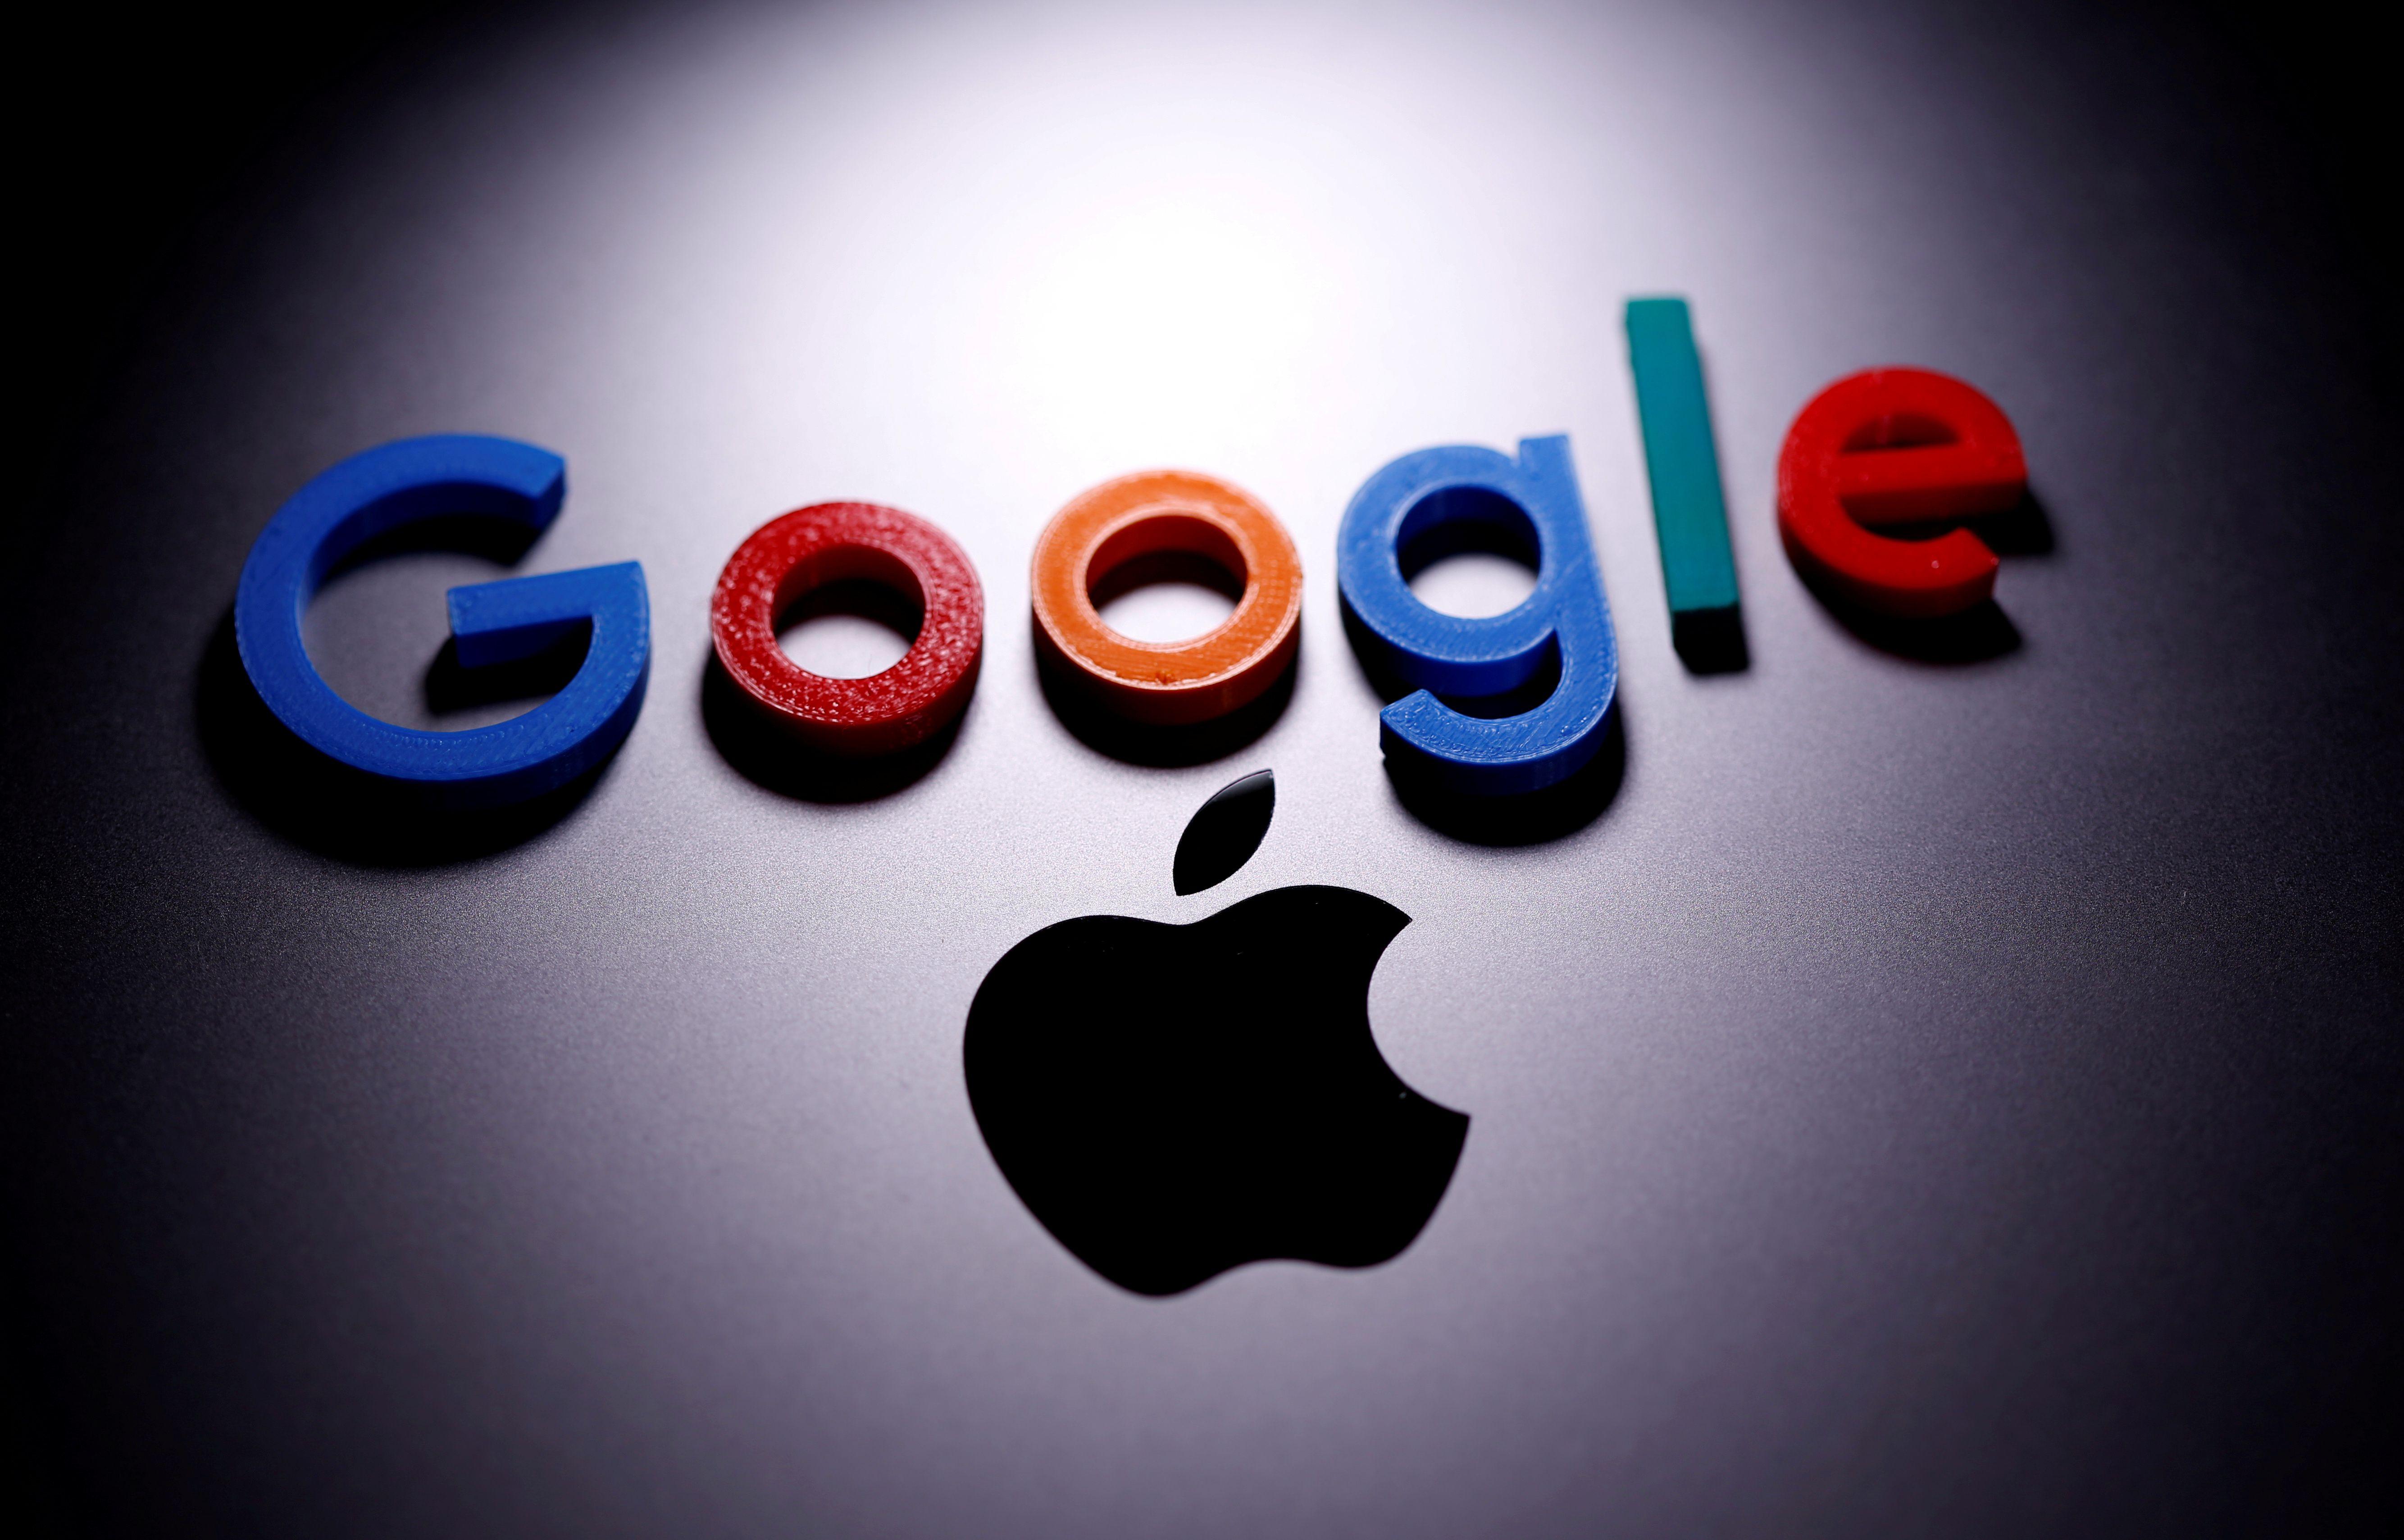 El logo de Google impreso en 3D en una MacBook de Apple (Foto: Reuters)